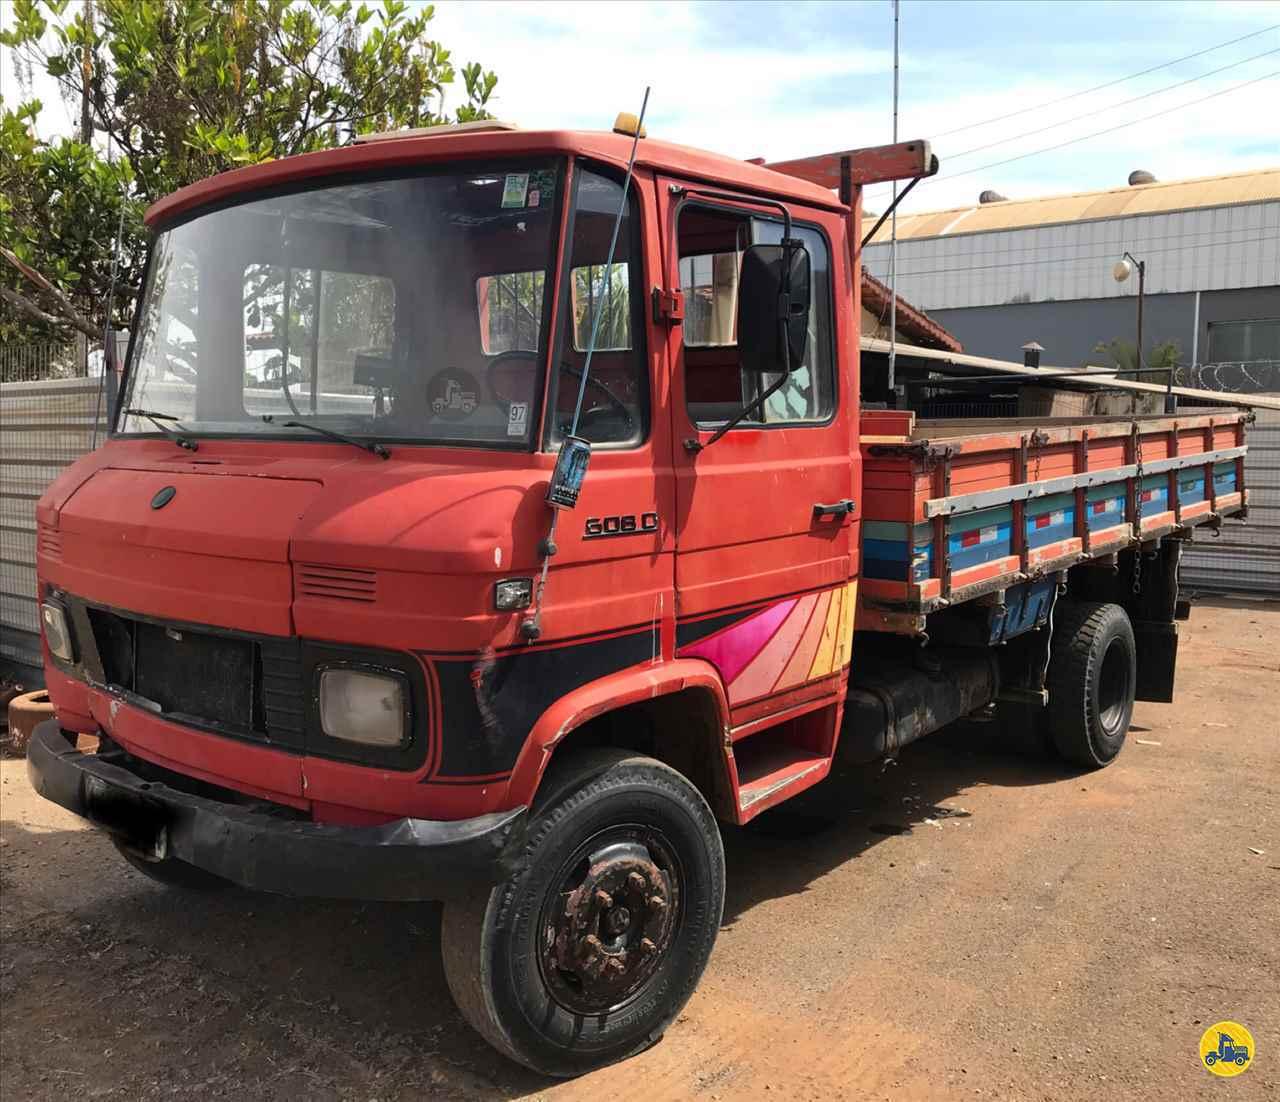 MB 608 de Geraldo Caminhões - PATOS DE MINAS/MG